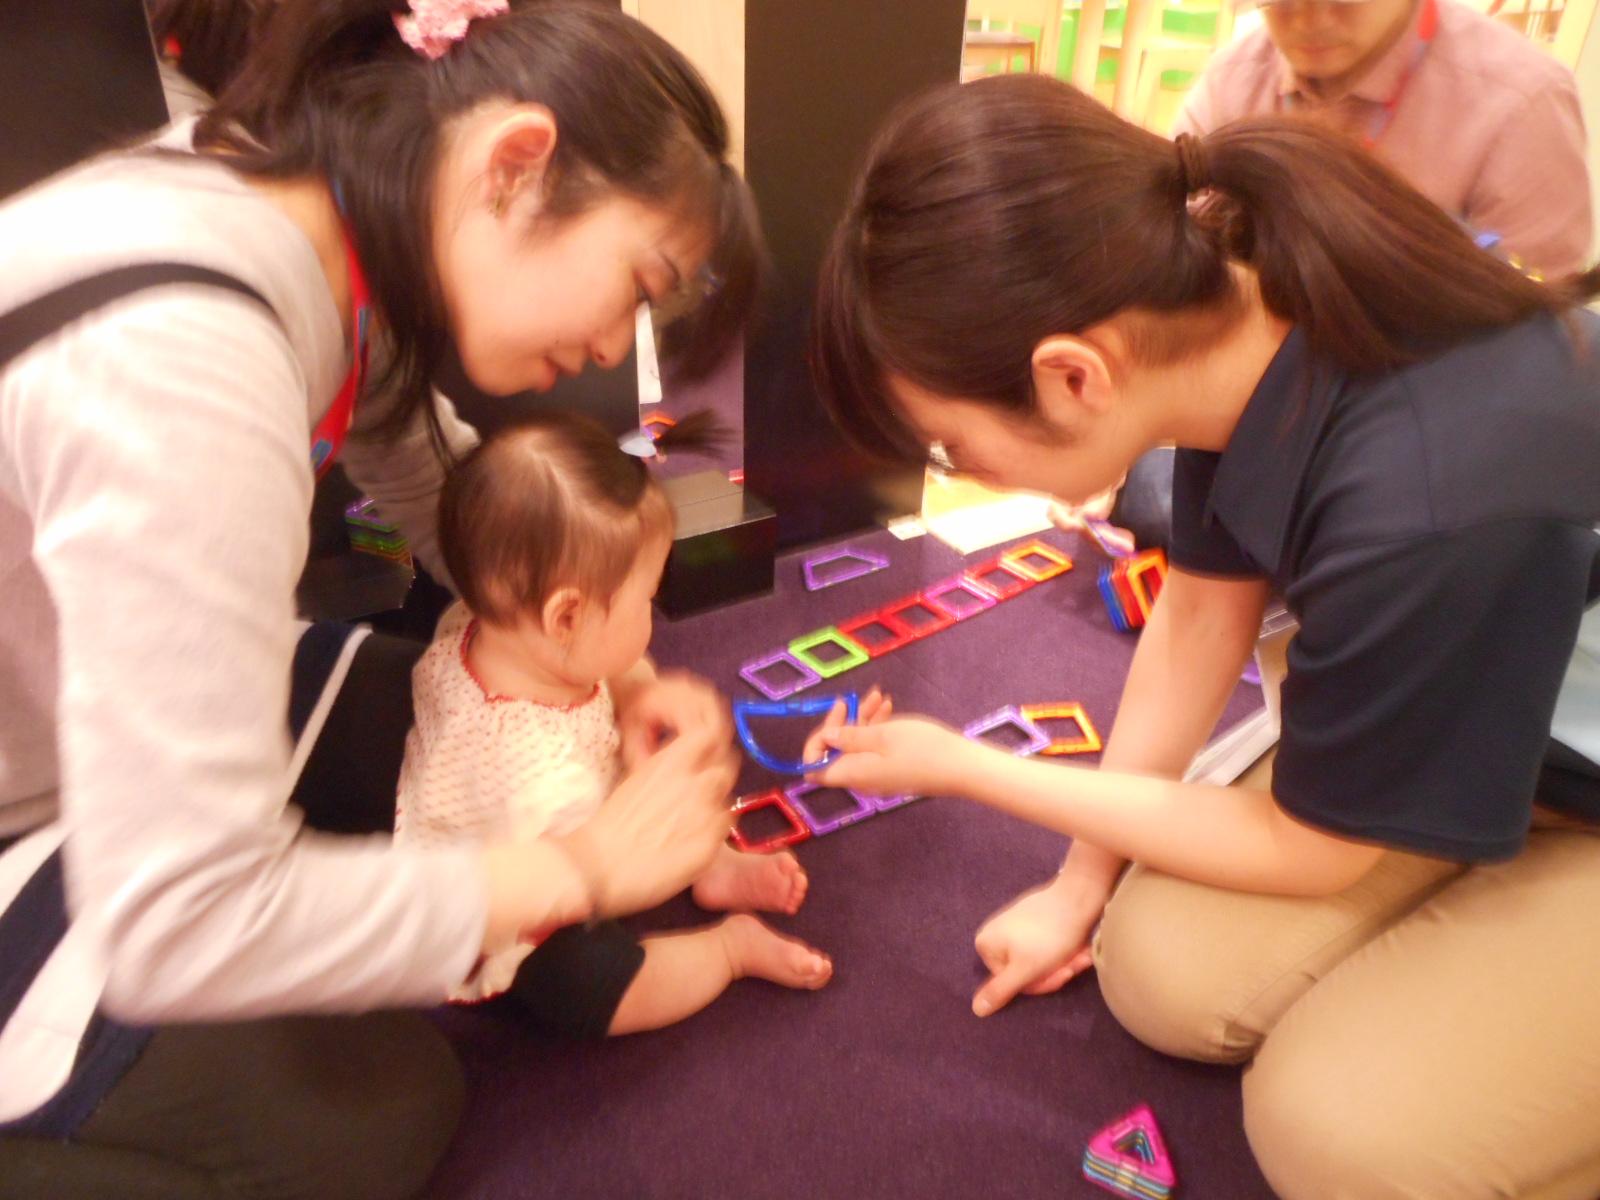 5月 赤ちゃんの日のイベントの様子 Part1